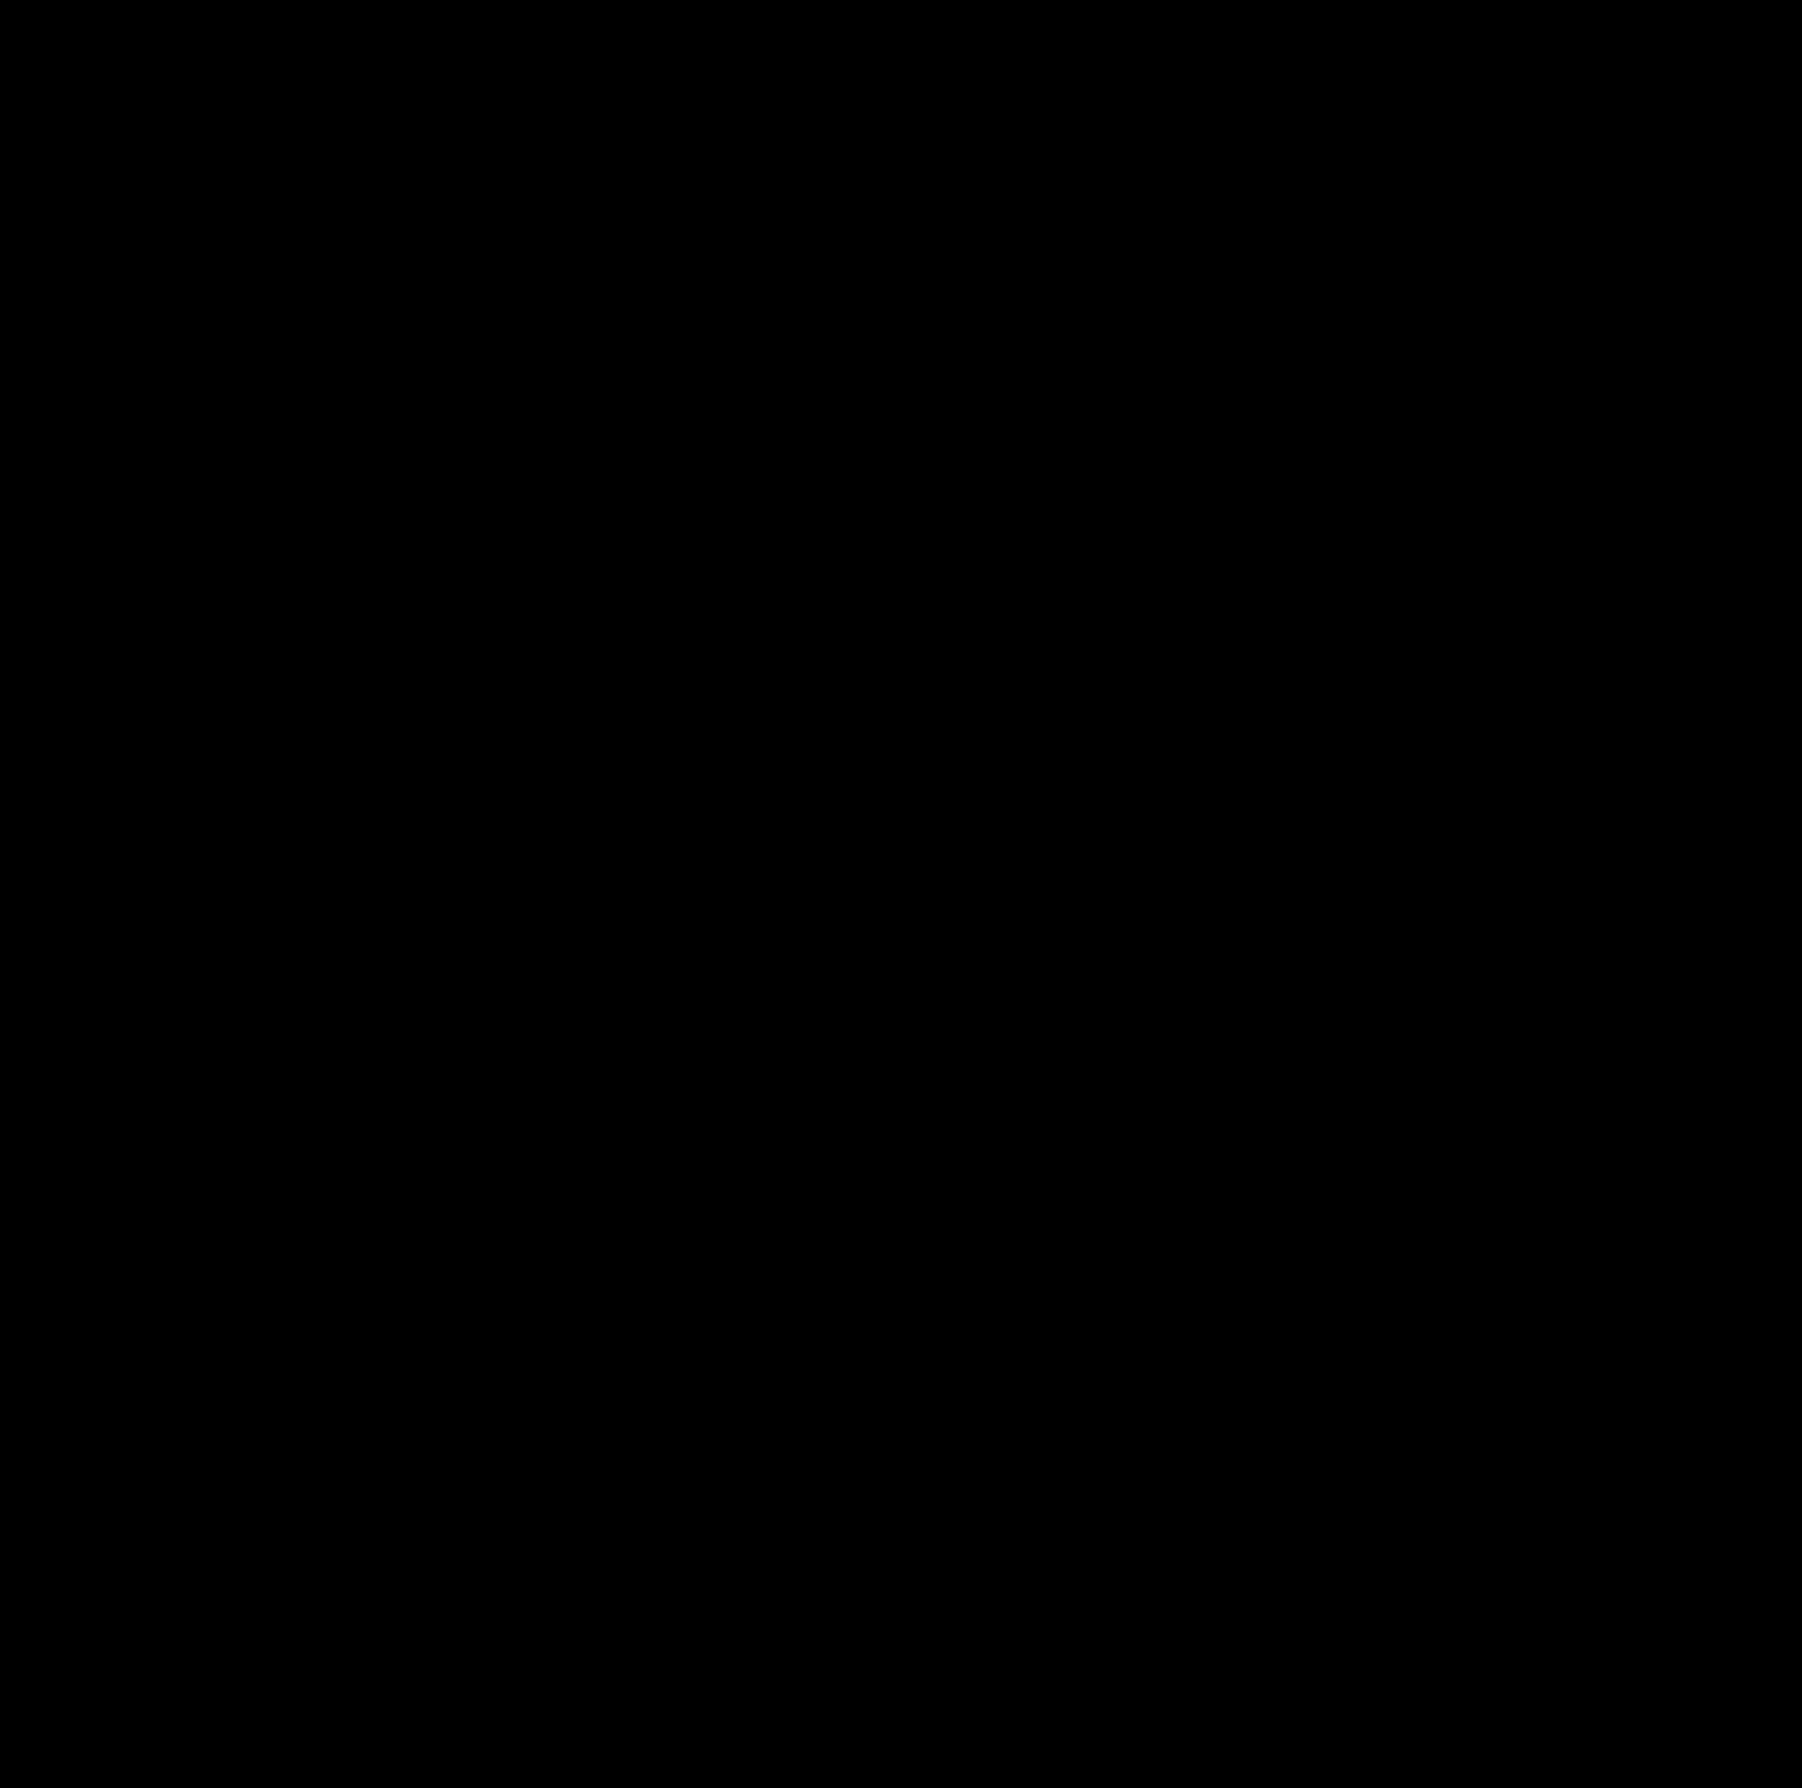 Pack 5 Spazzole laterali a 6 braccia ricambio per IROBOT Roomba serie 800 e 900